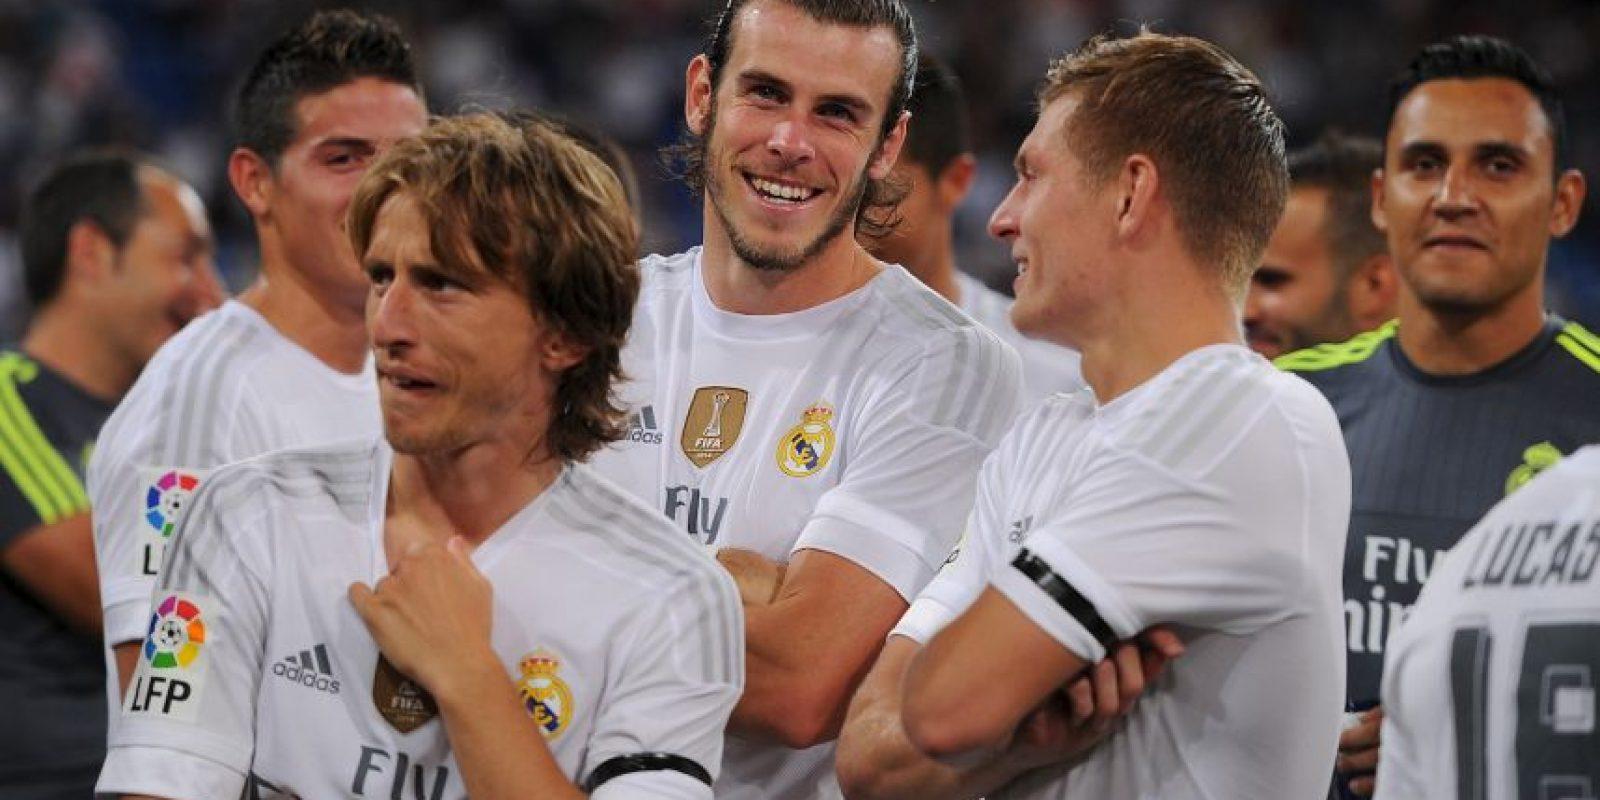 2. Real Madrid. Busca terminar con una sequía de títulos de la Liga, que no gana desde 2012 Foto:Getty Images